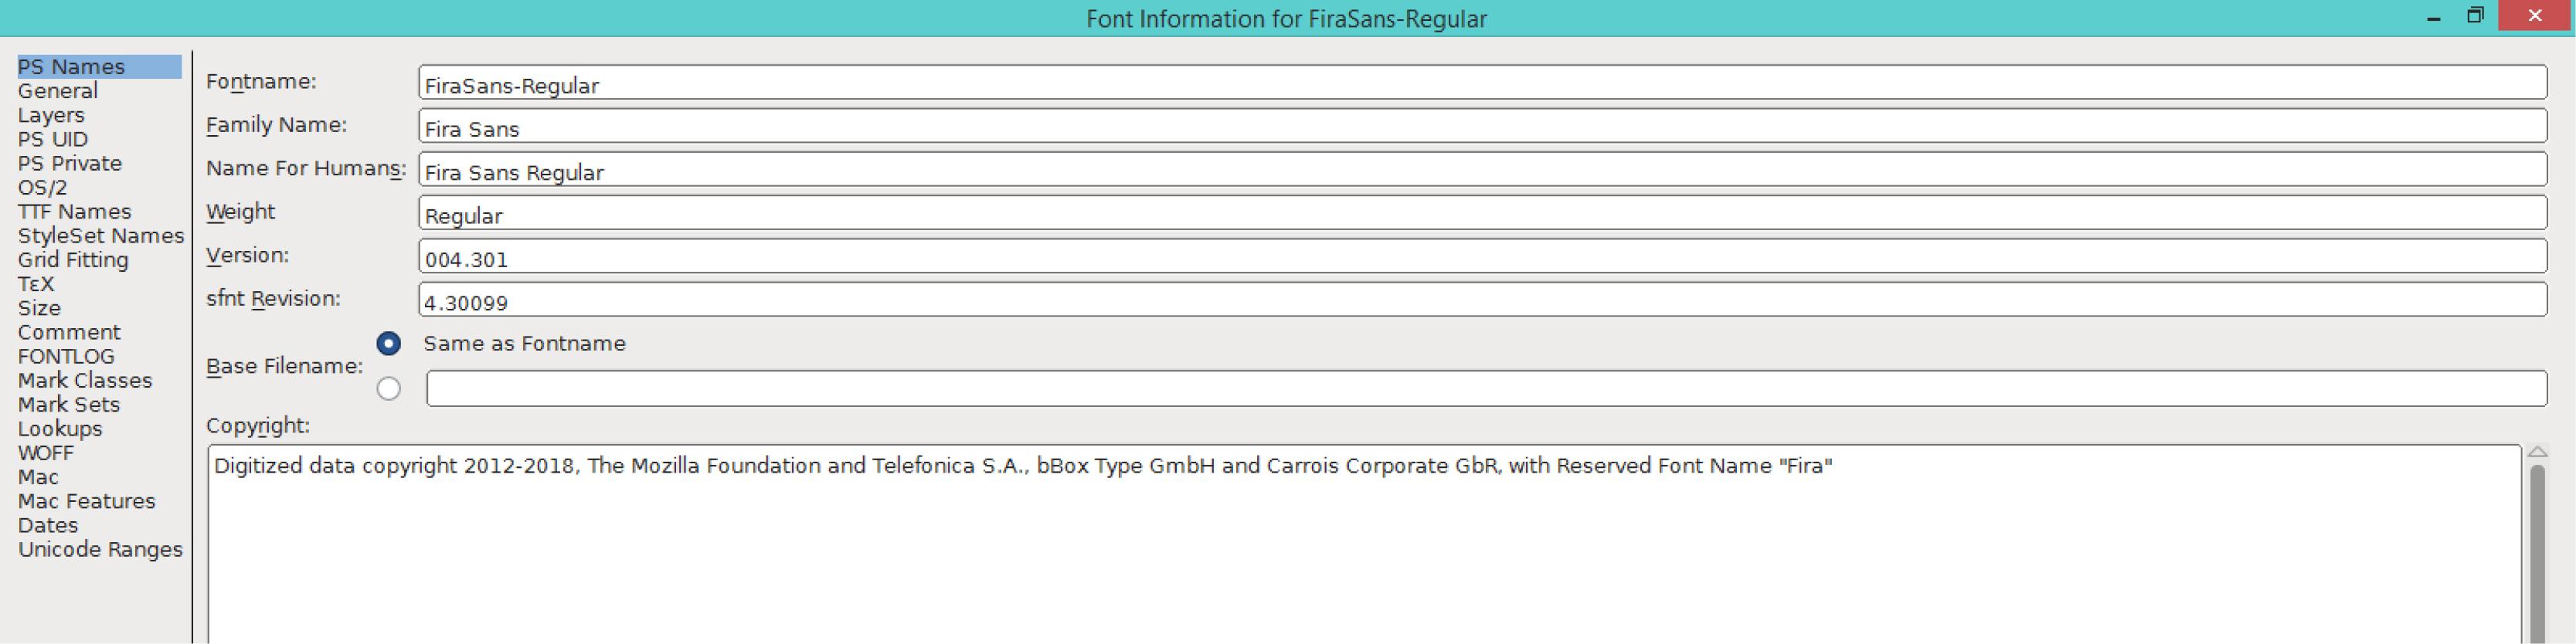 Fira Sans Regular (PS)